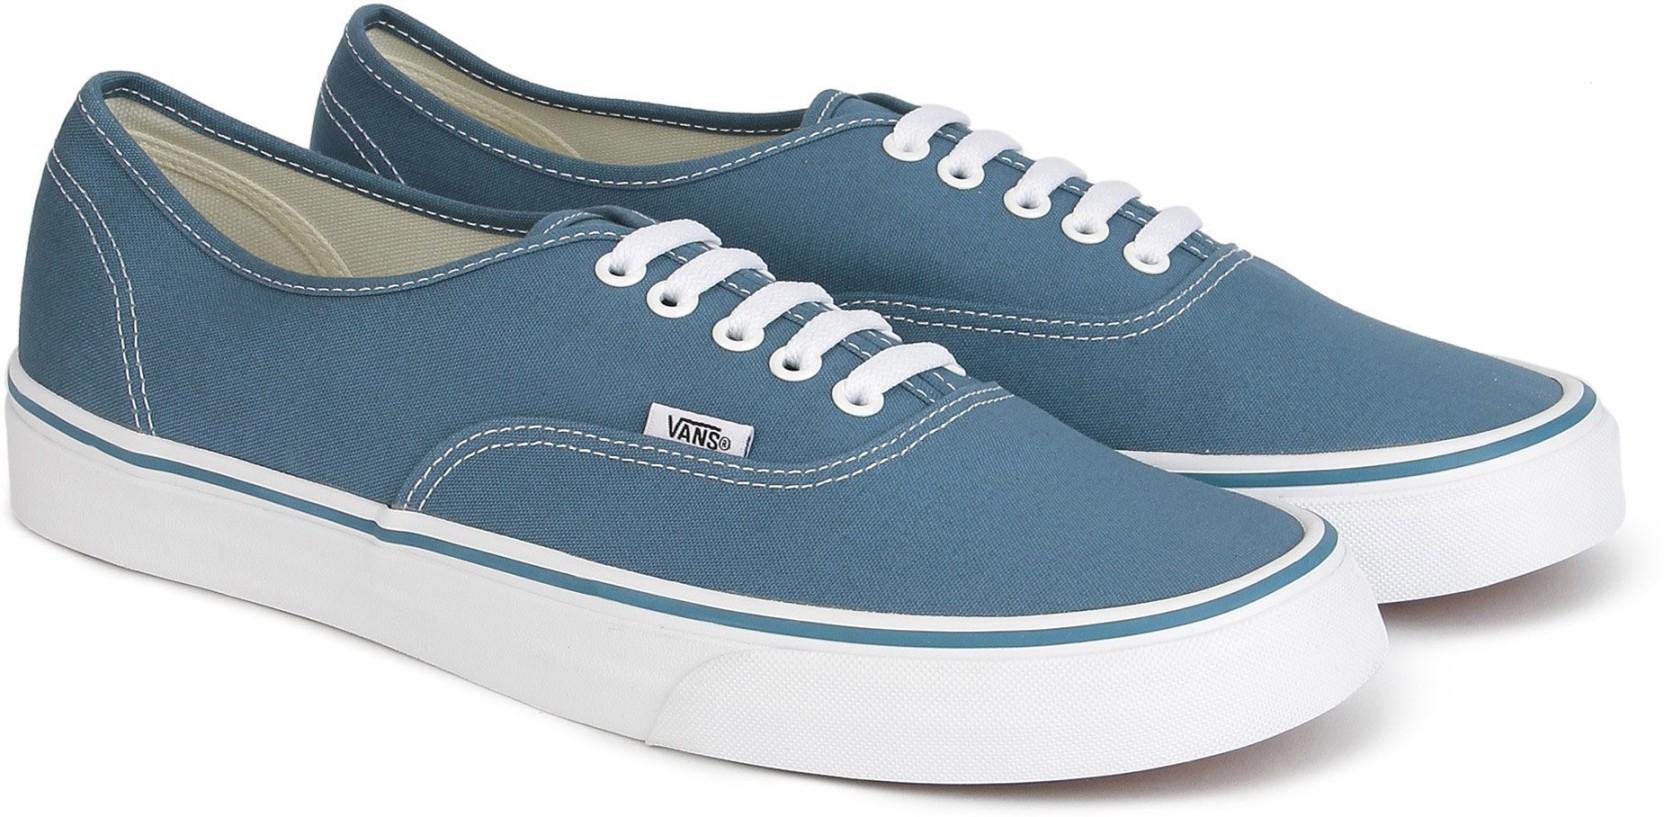 Vans authentic sneakers for men buy navy color vans authentic jpg 1664x817 Vans  authentic color shaded 0915f0b82